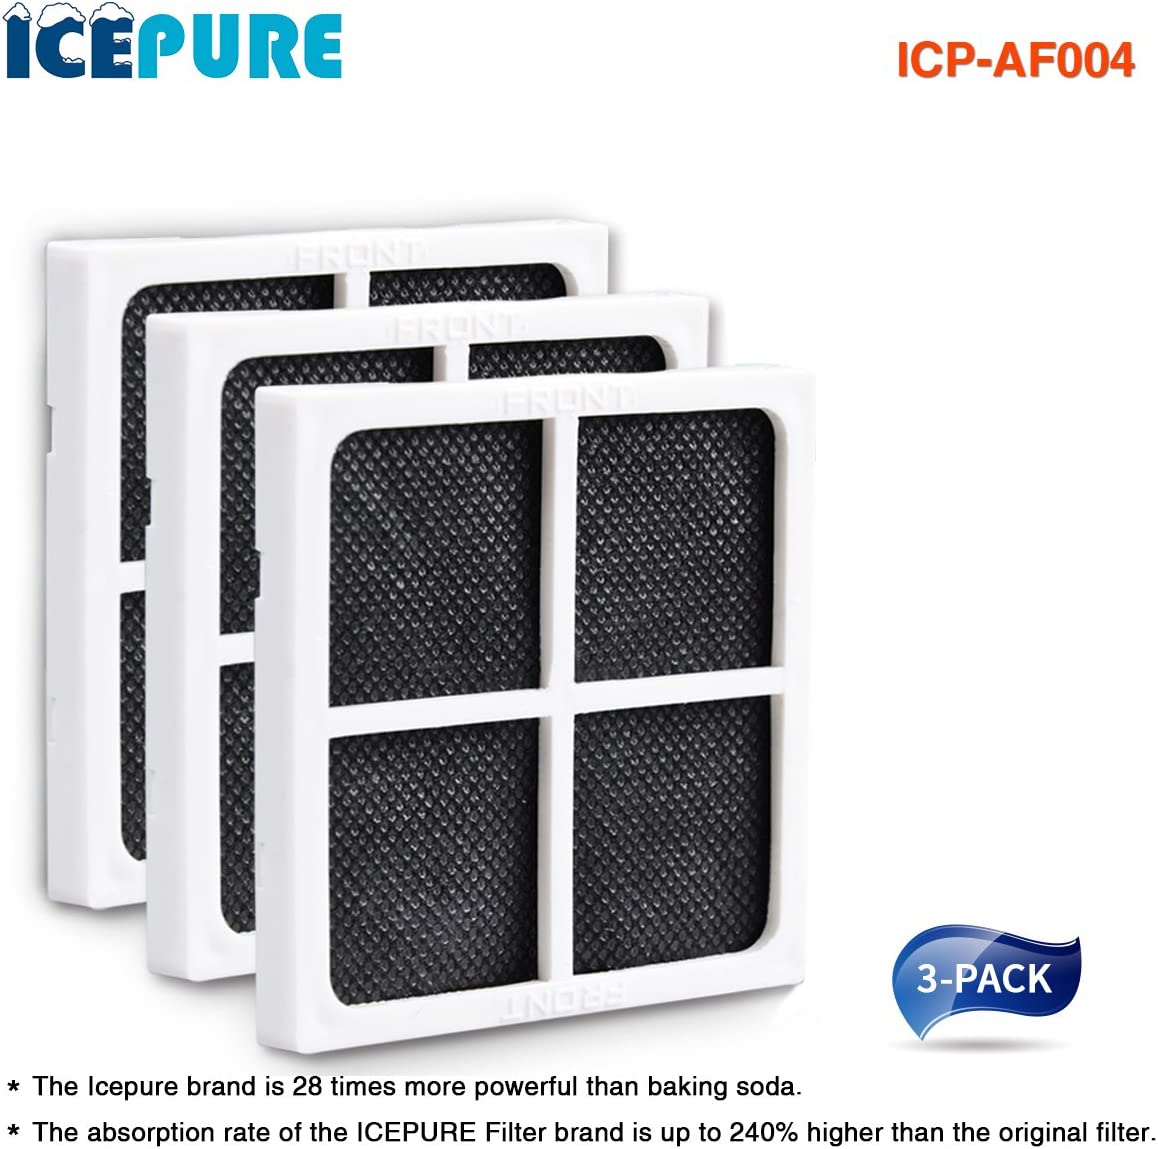 ICEPURE icp-af004 – 3 Pack Pure Filtro de Aire para frigorífico ...